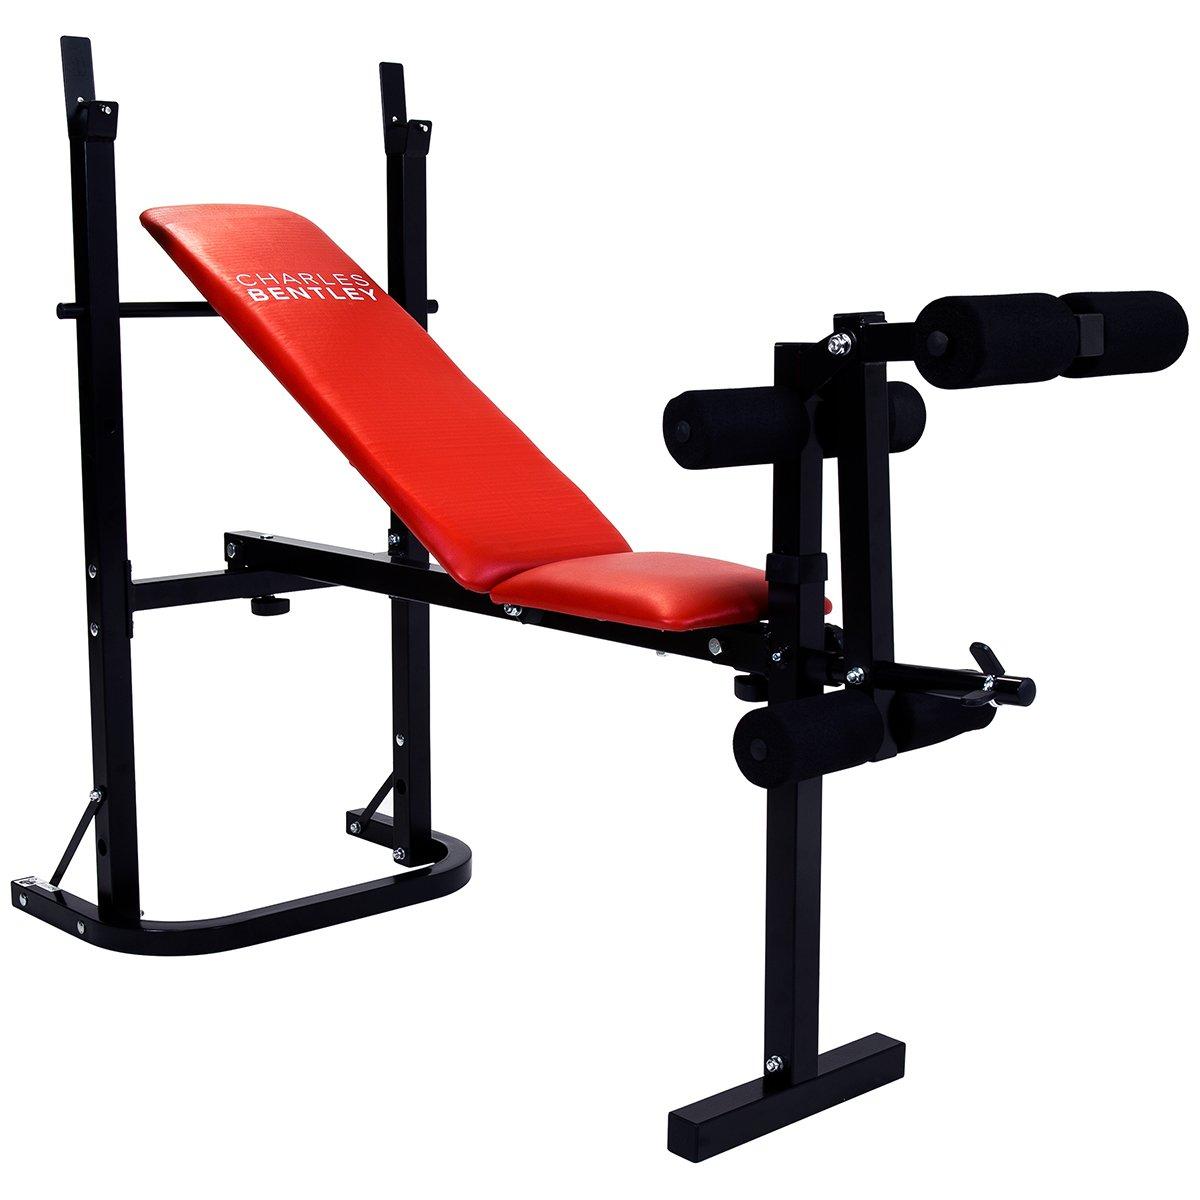 Charles Bentley Gewicht Bench zusammenklappbar Verstellbare Brust und Bein Workout Training – erhältlich in schwarz oder rot